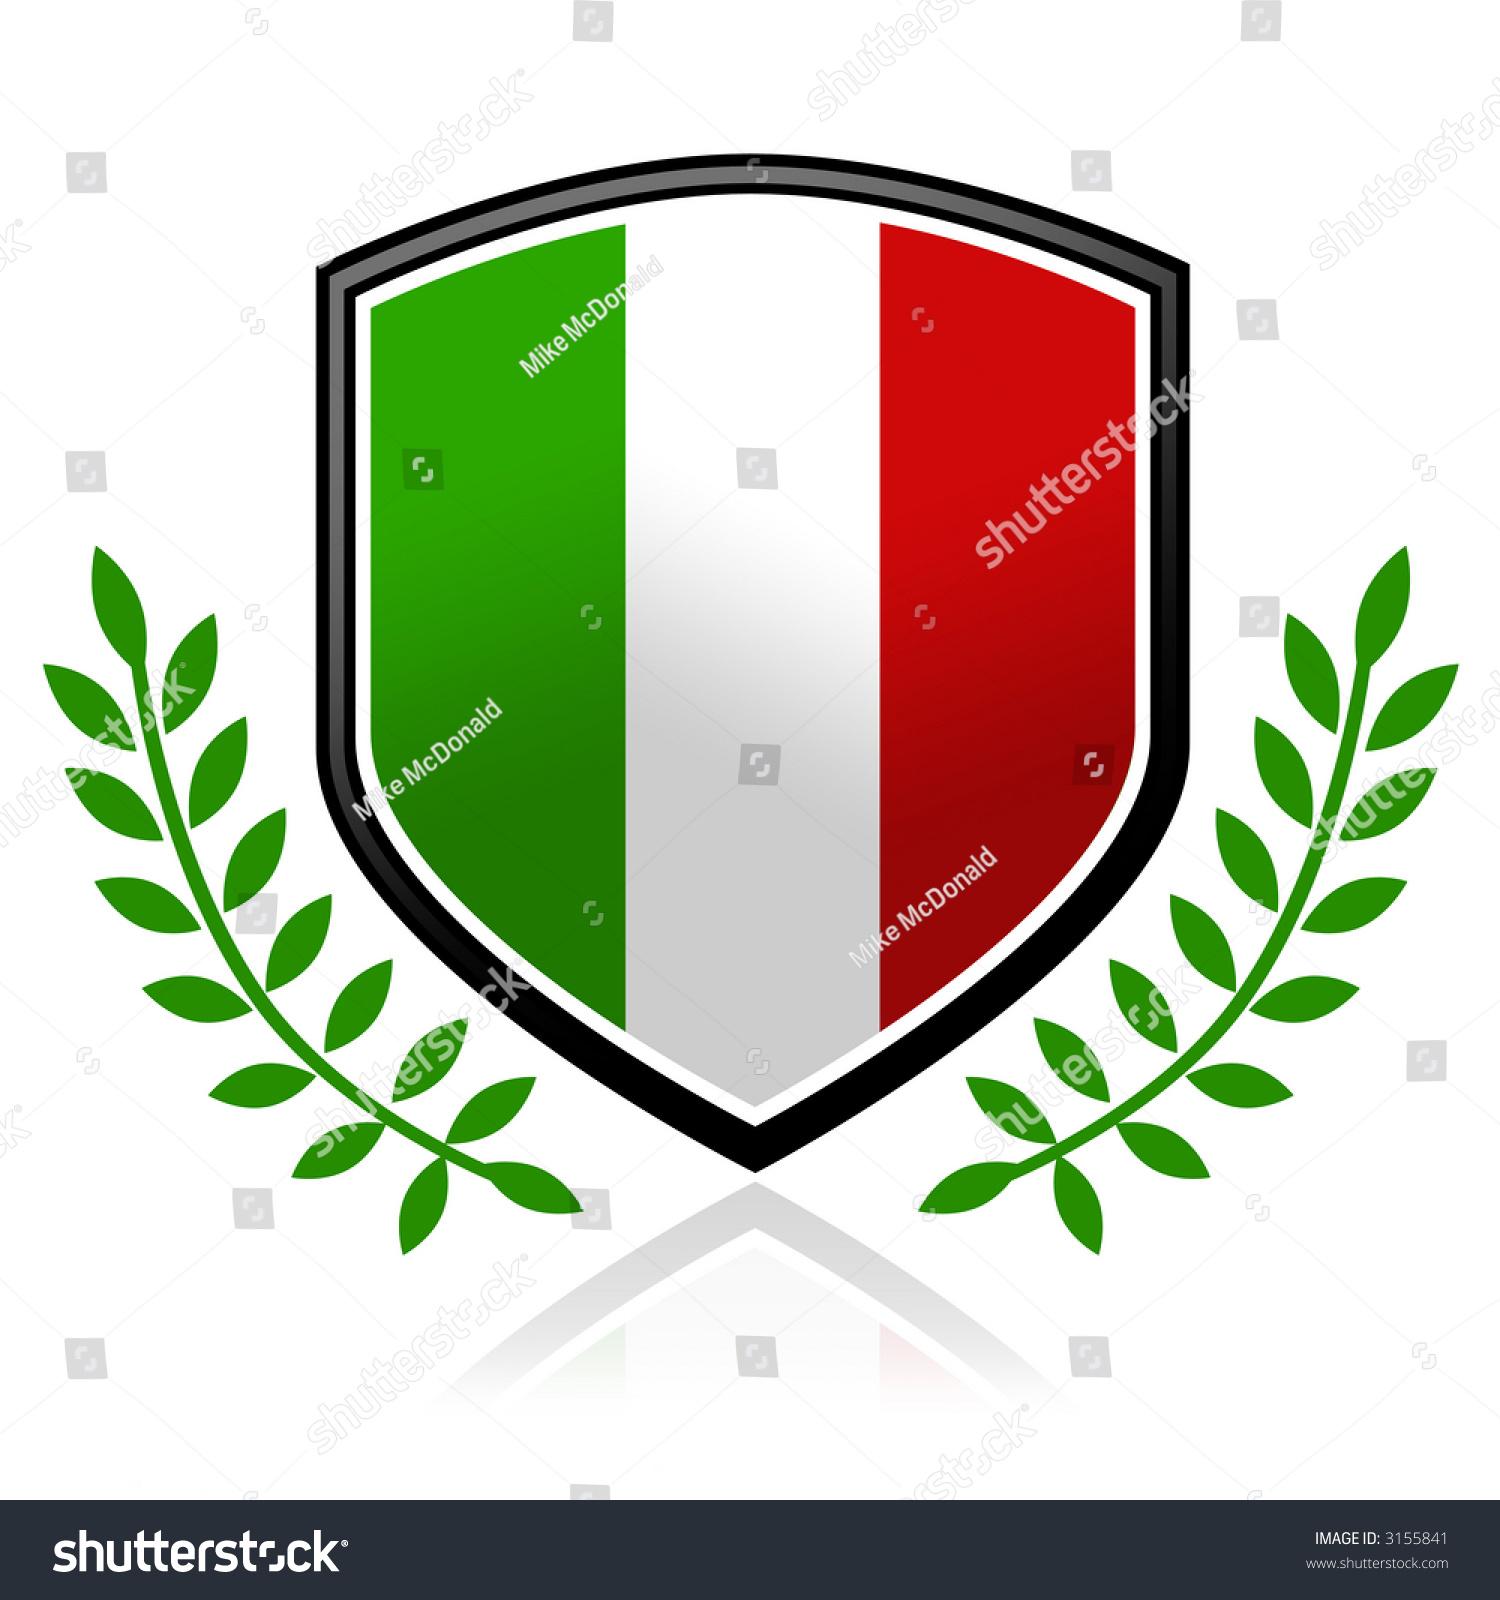 stock-photo-italian-flag-shield-3155841